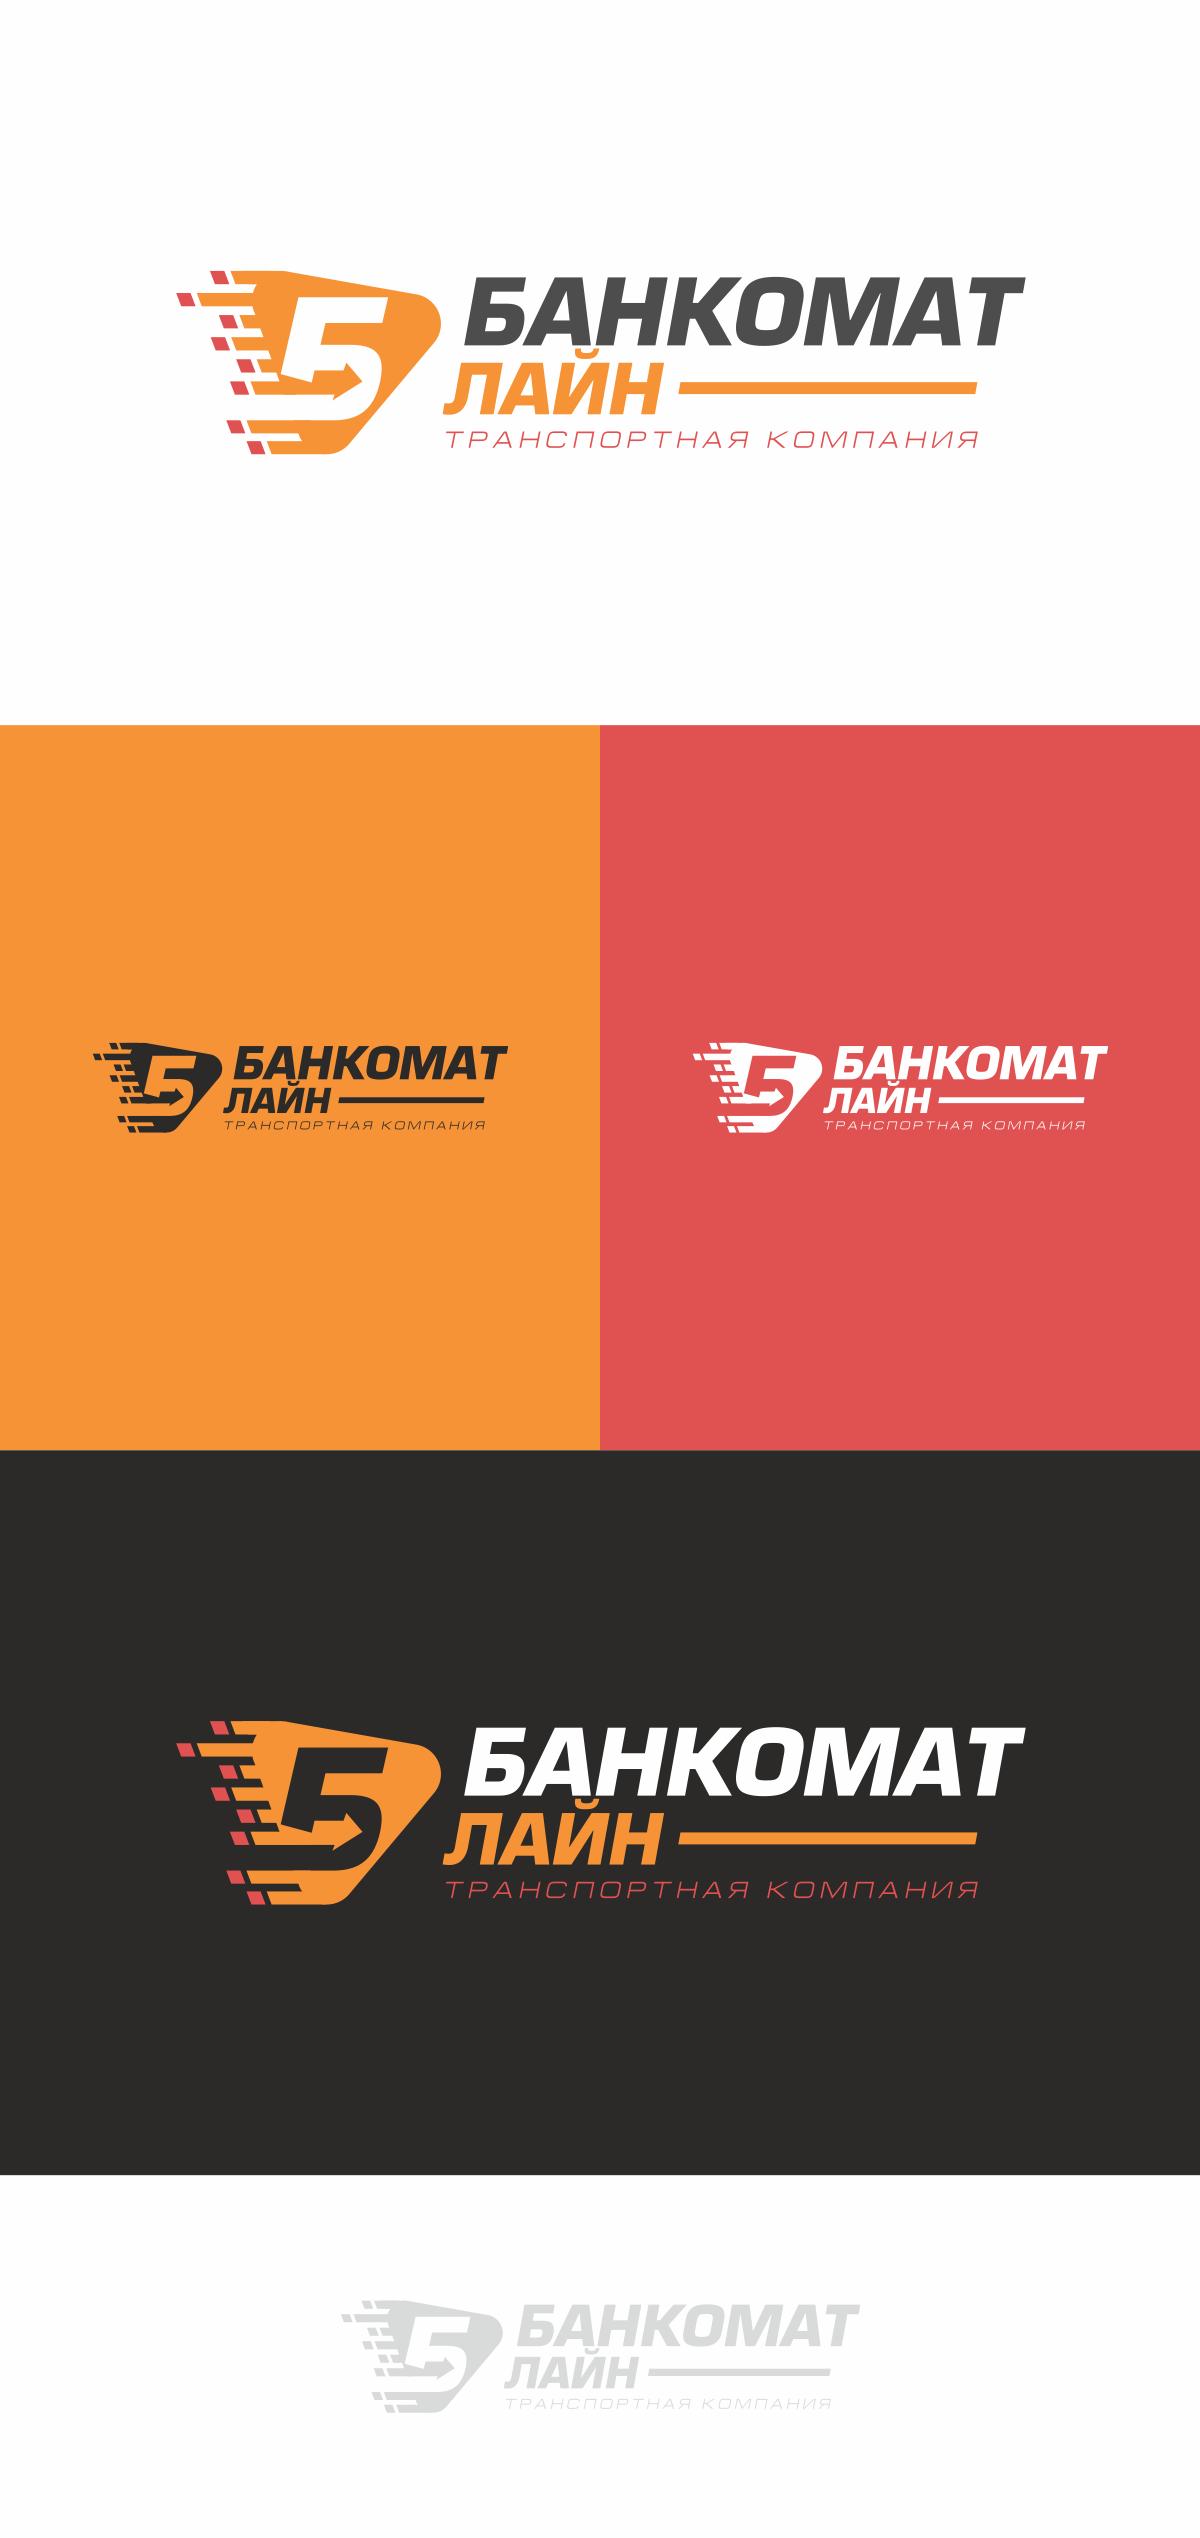 Разработка логотипа и слогана для транспортной компании фото f_536588f4f1923d79.jpg